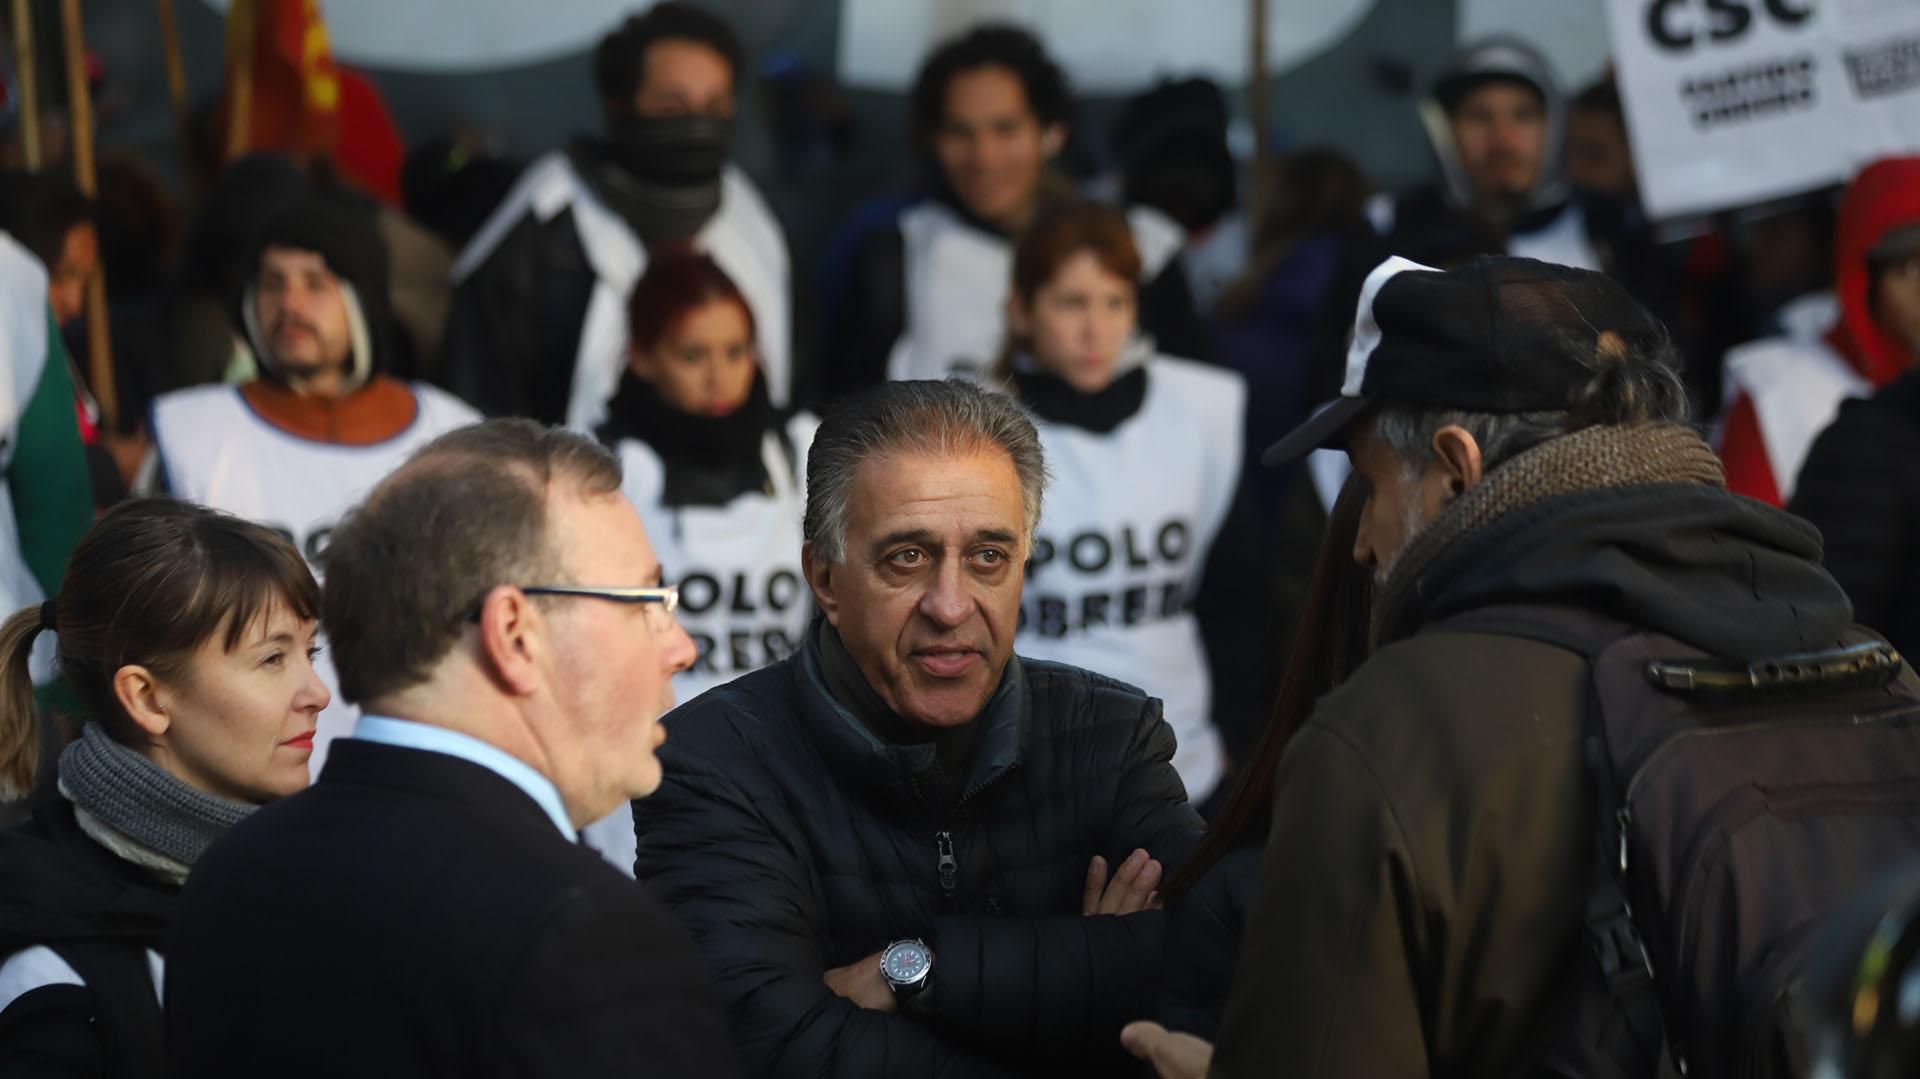 El dirigente del Partido Obrero en el Frente de izquierda, Néstor Pitrola